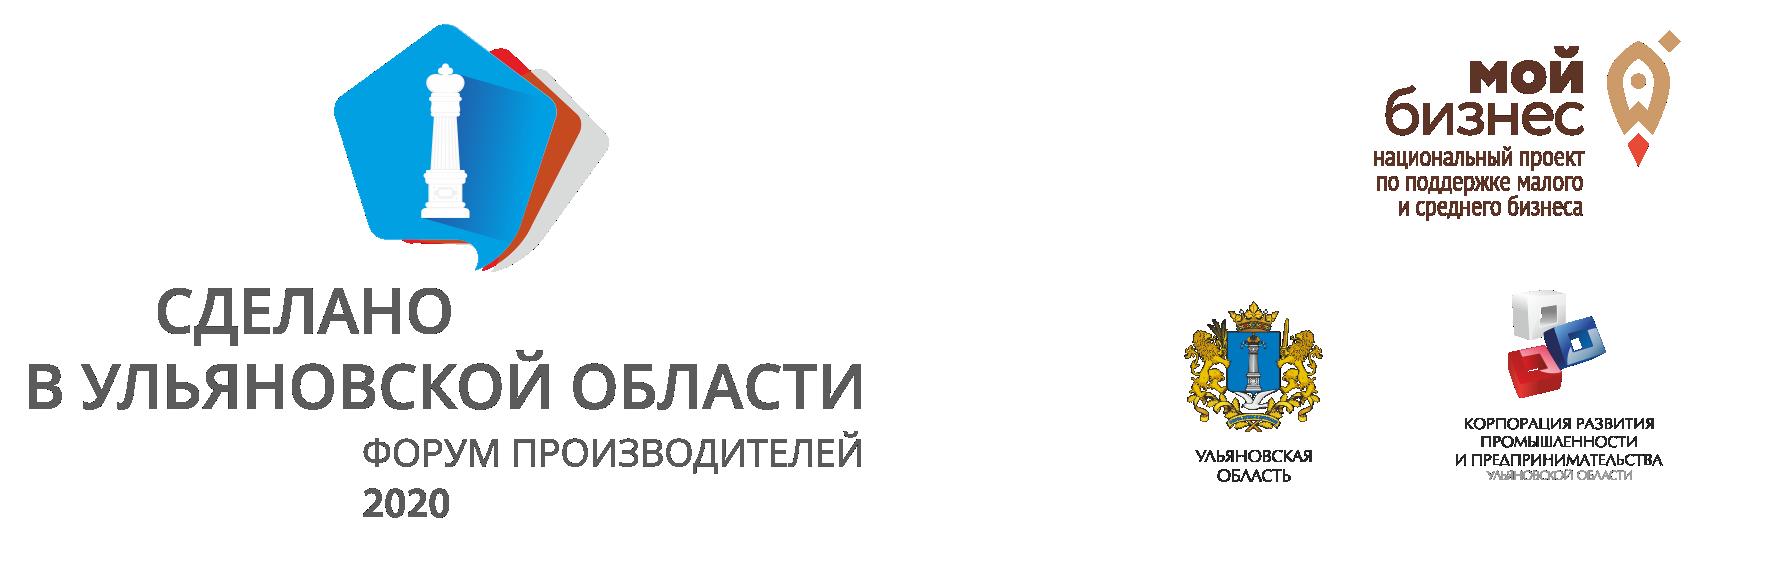 Выставка-форум для региональных производителей и жителей региона «Сделано в Ульяновской области» @ УлГТУ